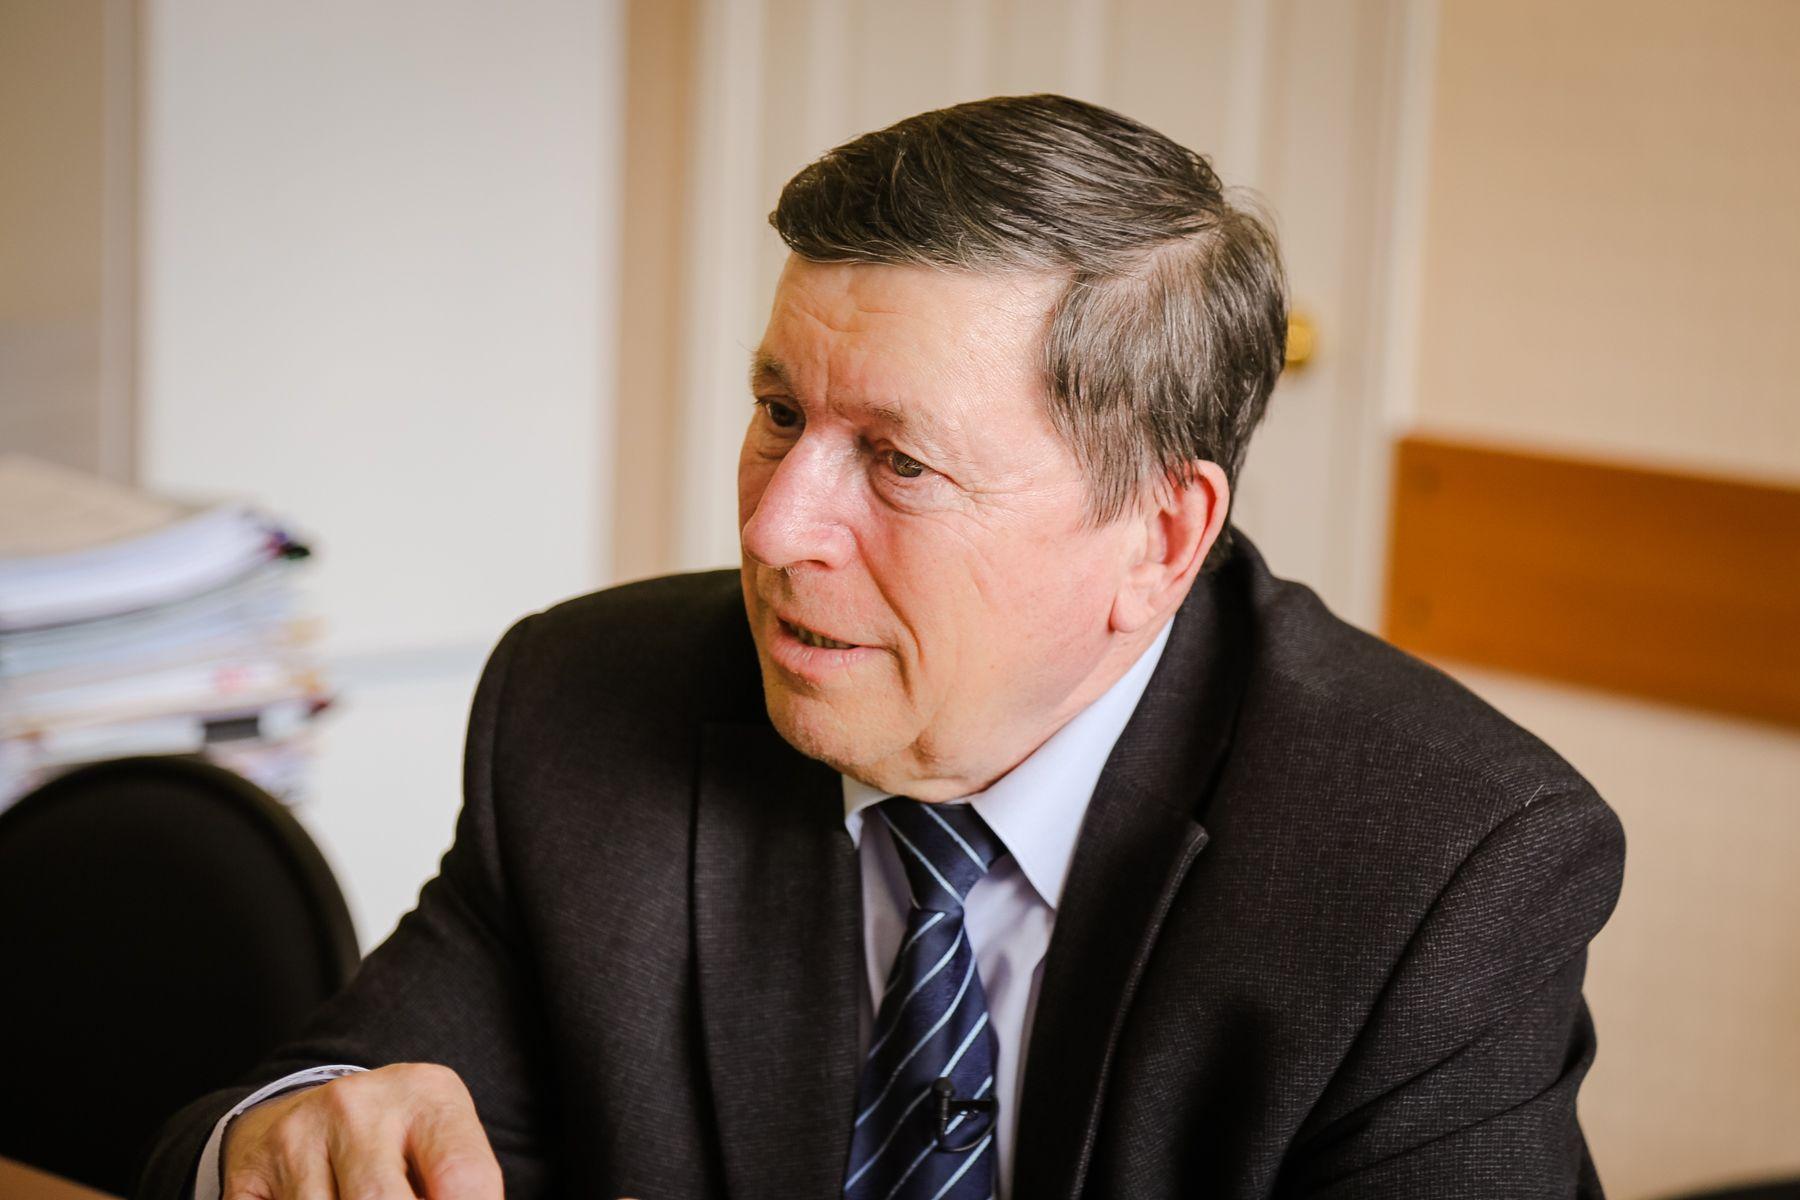 Ведущий эксперт Приморья в области экономики, профессор ВГУЭС Александр Латкин: в 2021 году не будет резкого перехода к лучшему, но позитивные тенденции в экономике наметились